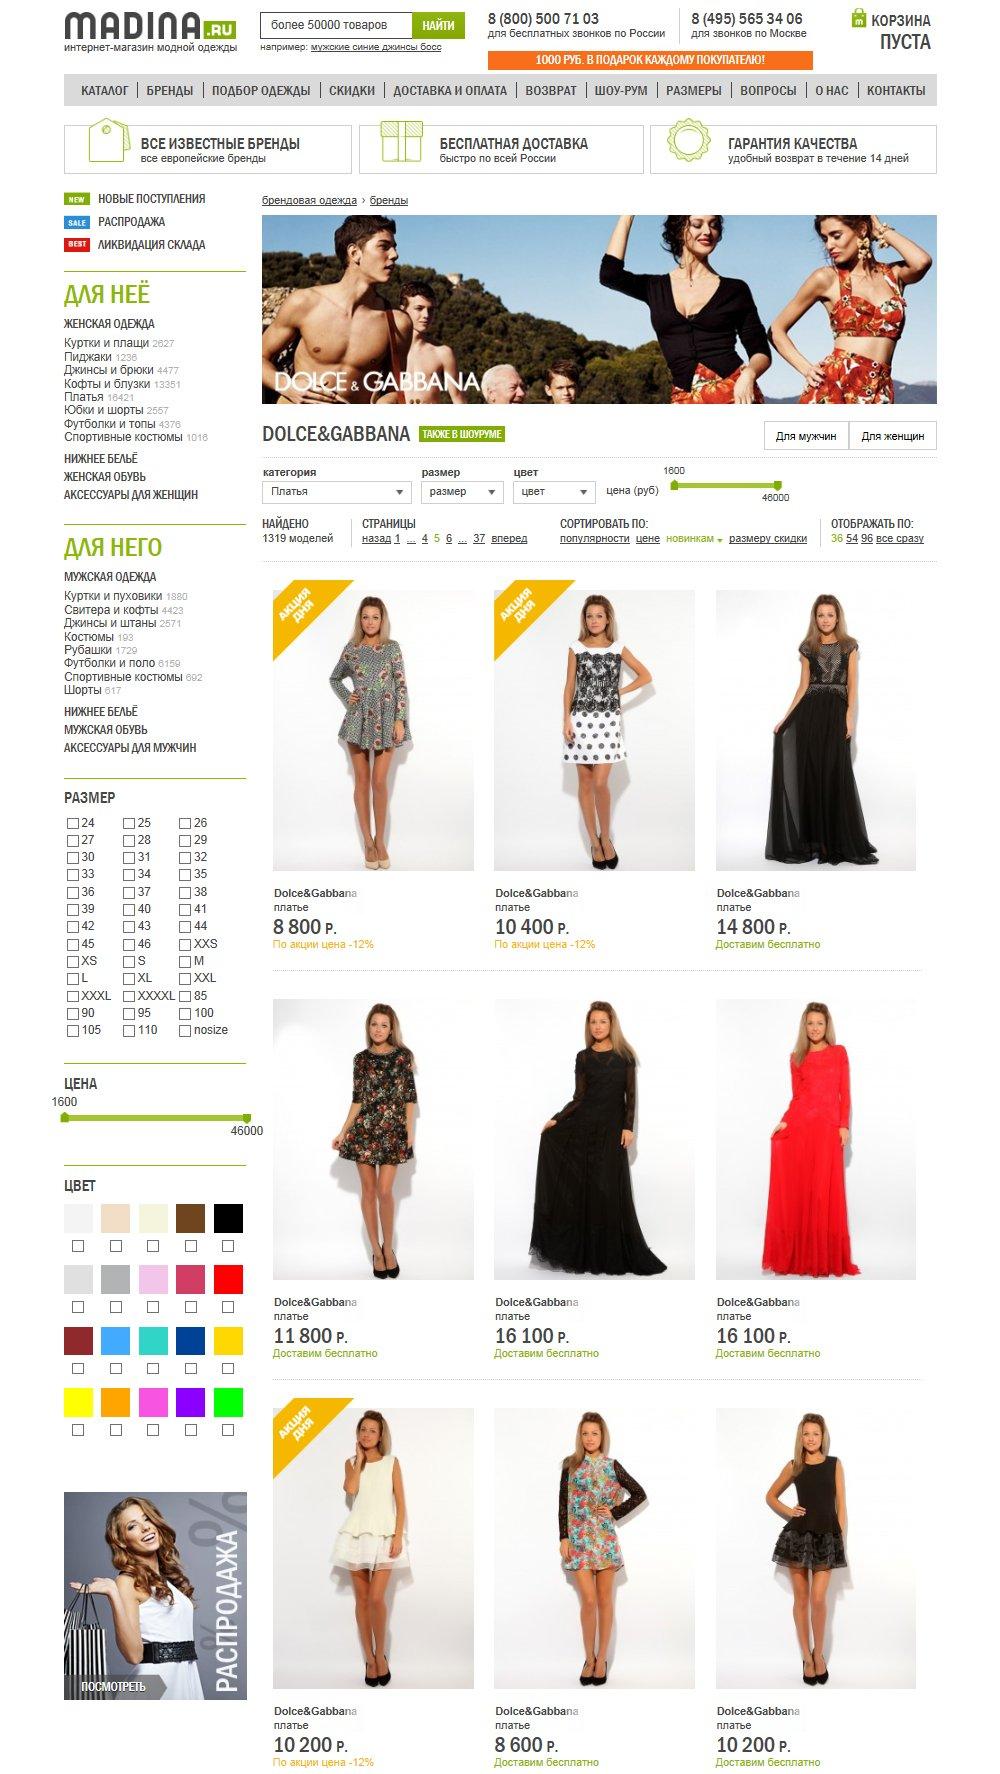 Страница бренда в интернет-магазине модной одежды Madina.ru